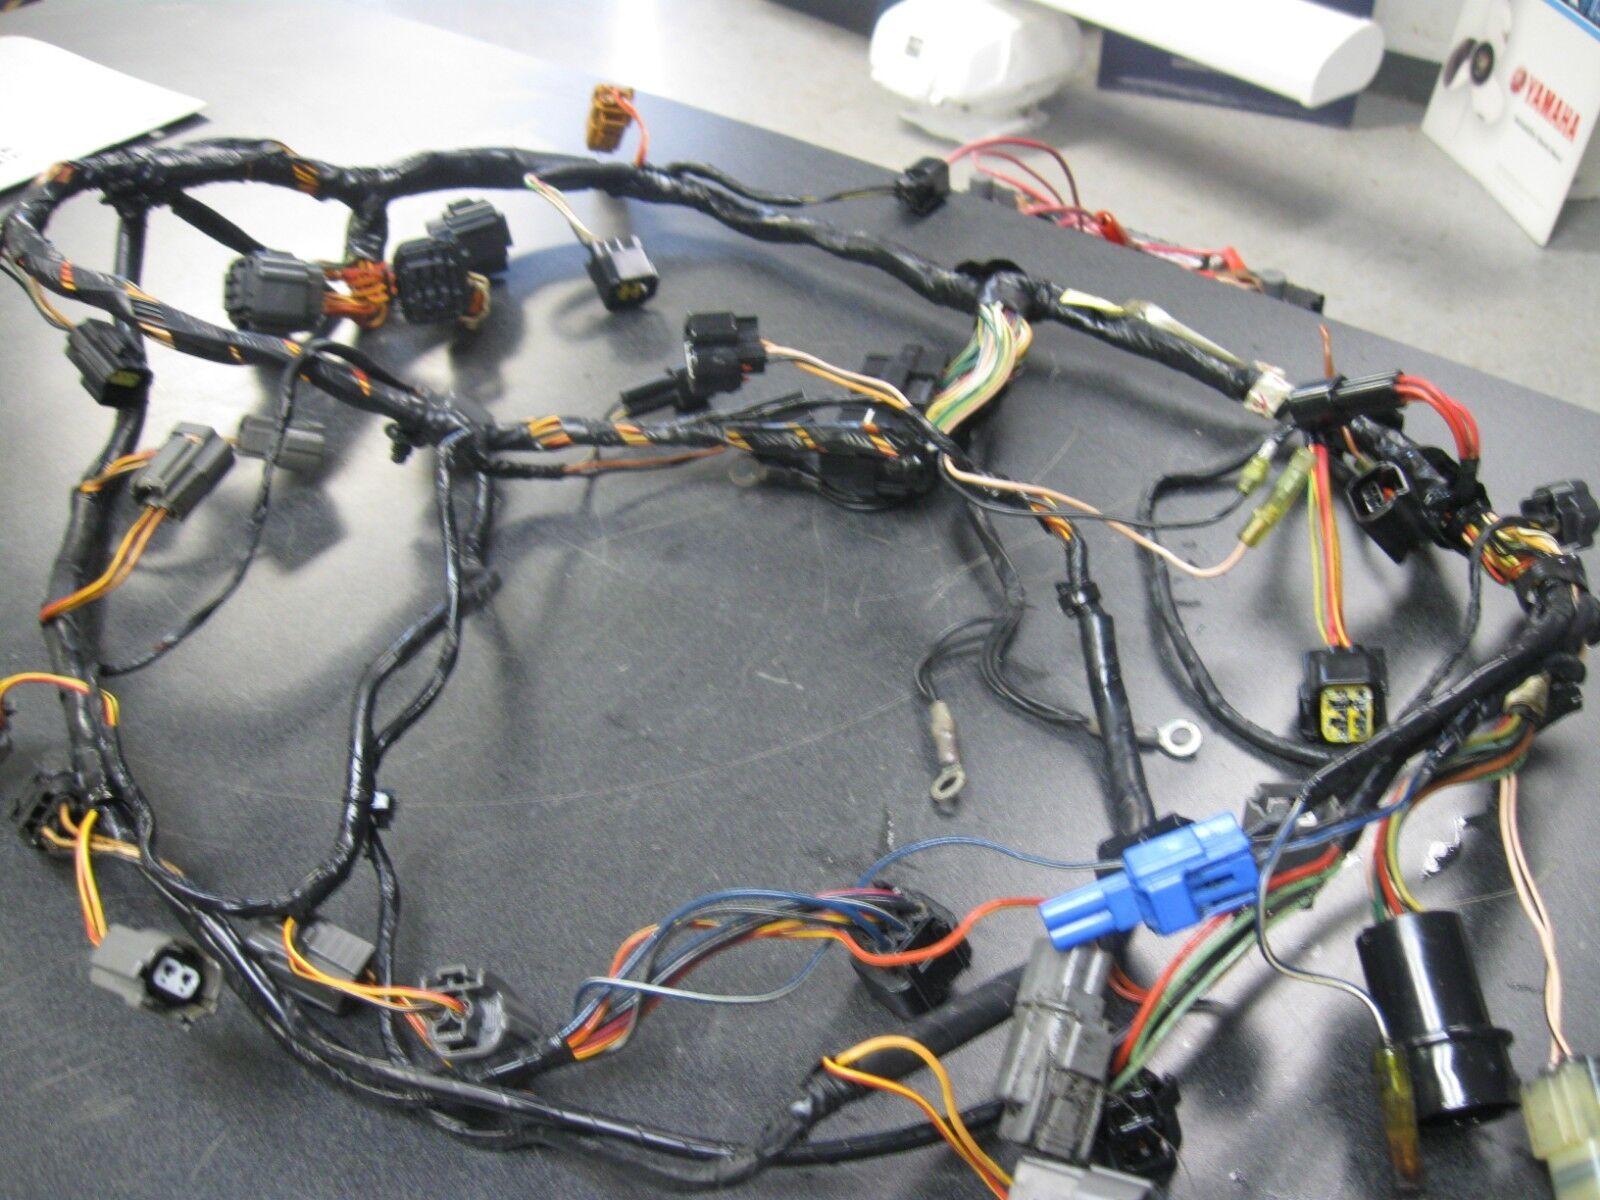 Yamaha Außenborder Kabelbaum Montage 69J-82590-30-00 69J-82590-30-00 69J-82590-30-00 91fb8e